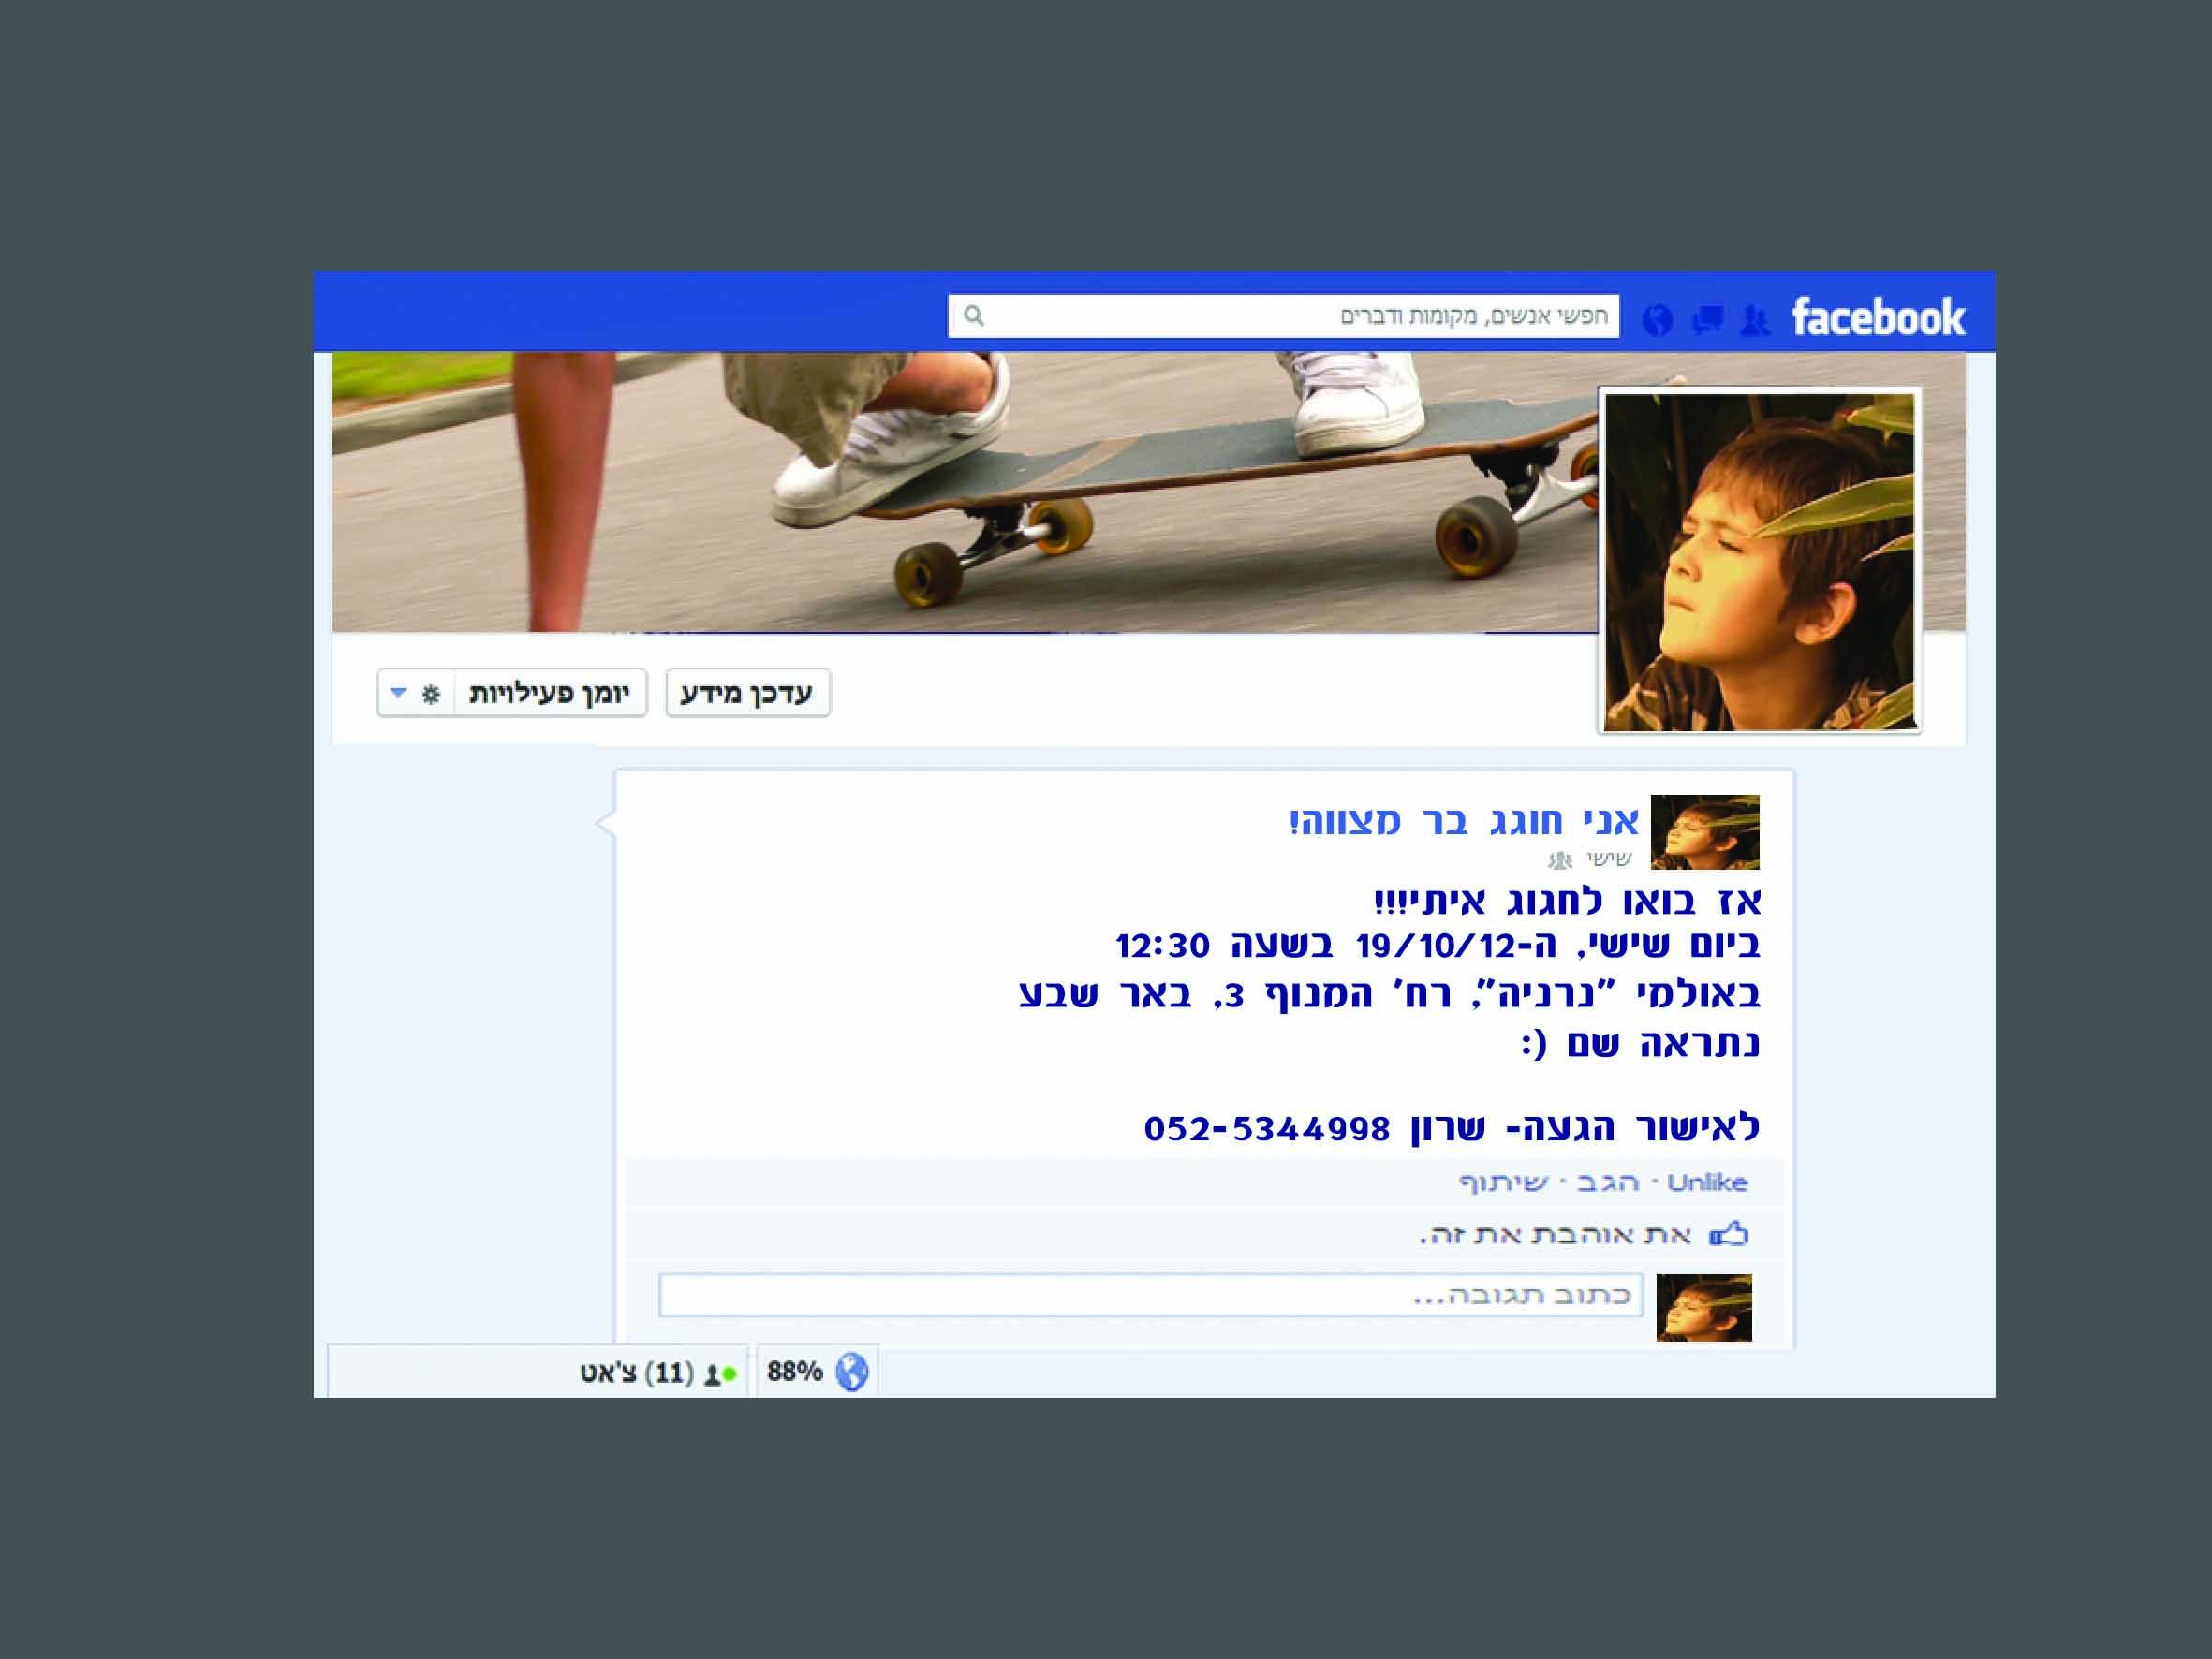 הזמנה לבר מצווה פייסבוק